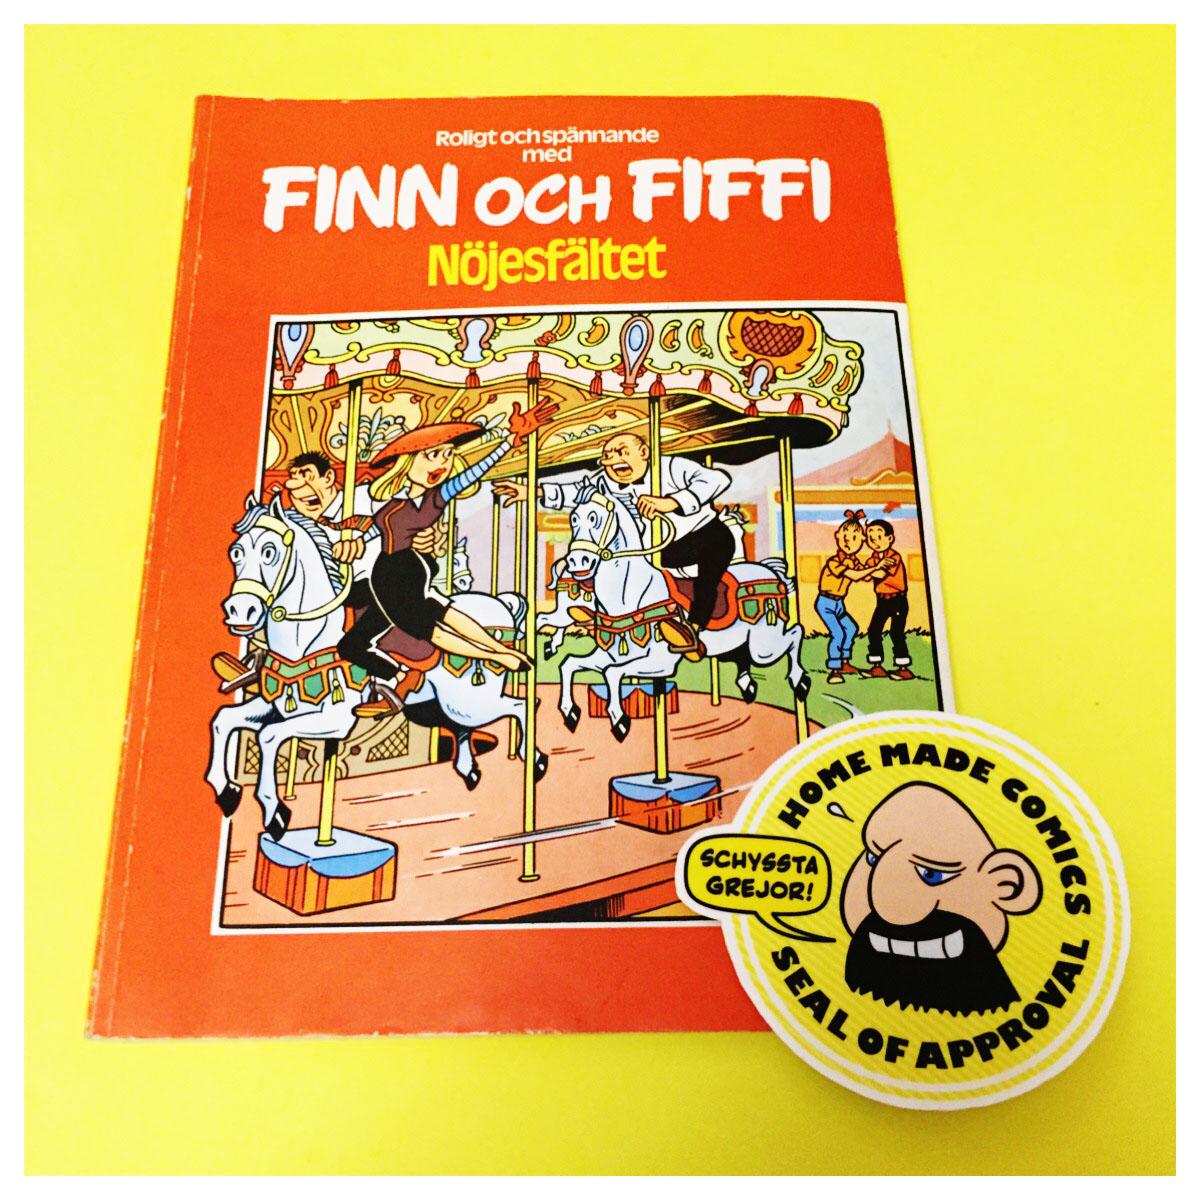 Home Made Comics Seal of Approval #193. Finn & Fiffi 40 Nöjesfältet av Willy Wandersteen utgiven av Skandinavisk press 1979.